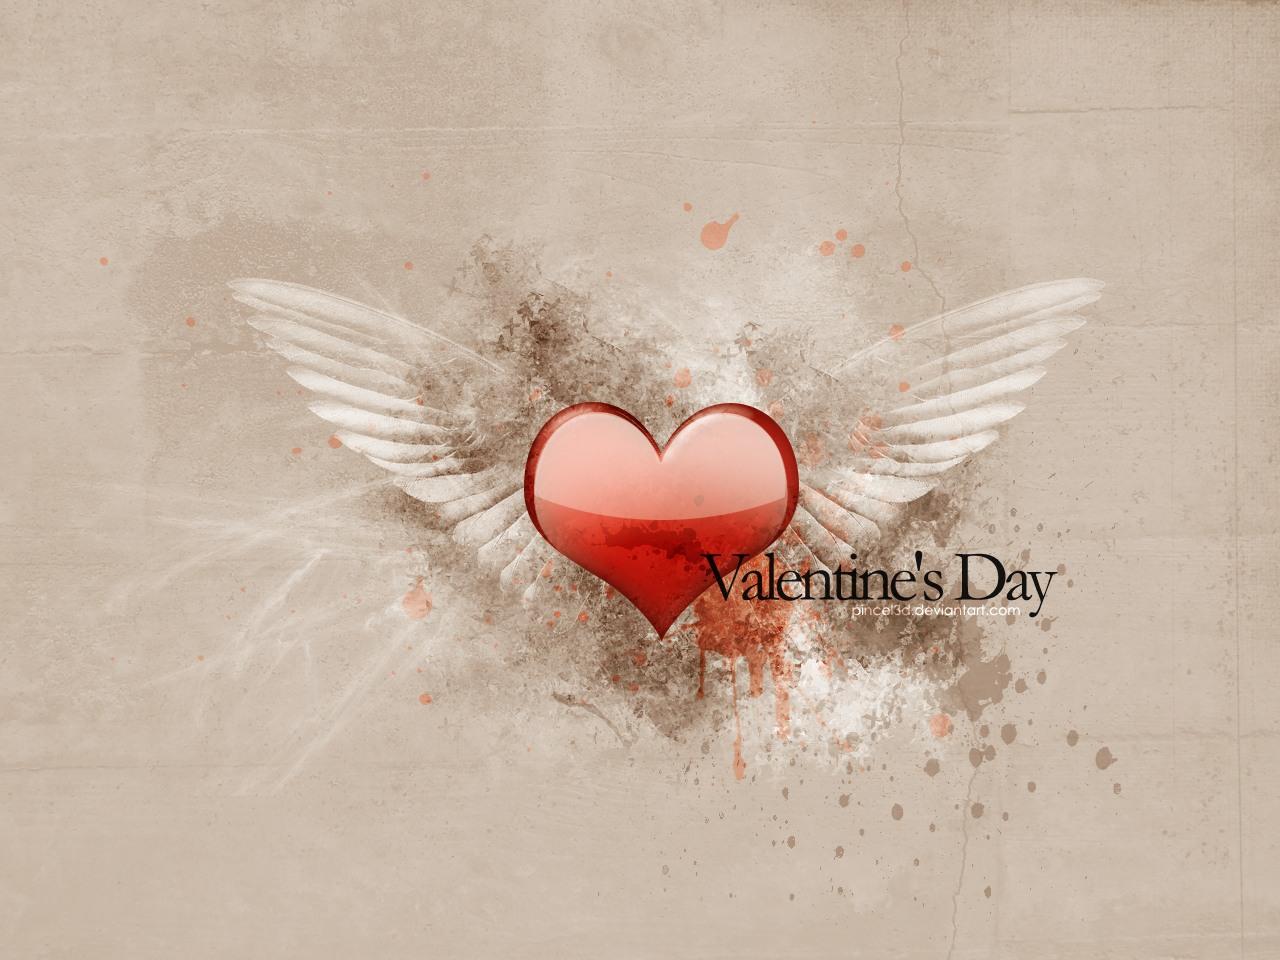 http://3.bp.blogspot.com/-5eYxHuSOHho/TzilvEKOdWI/AAAAAAAAOUM/-Blfty5Aj90/s1600/valentine_wallpapers_2012....009.jpg